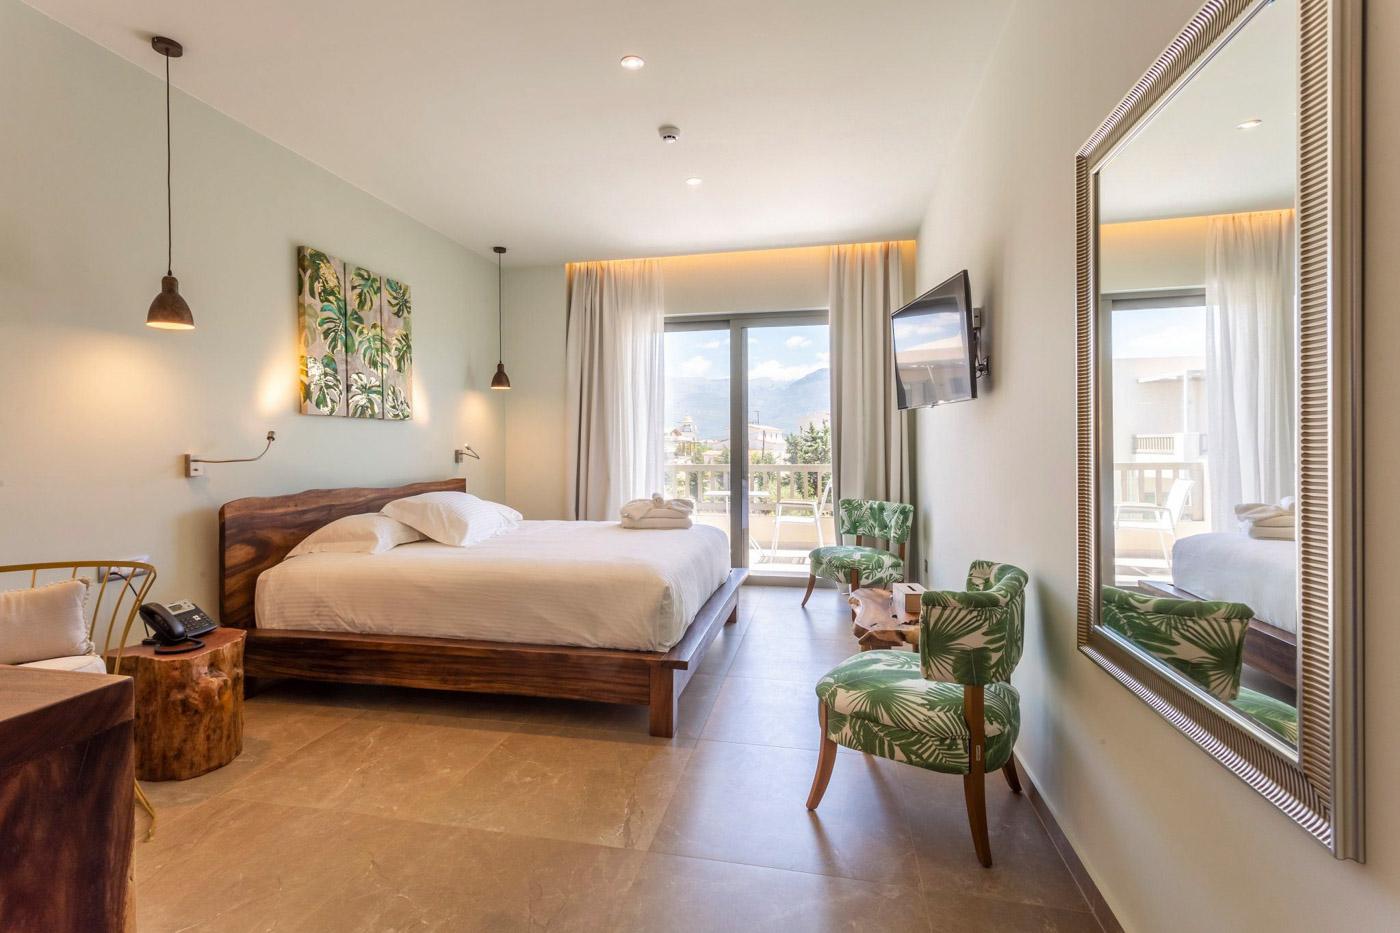 Elysian luxury hotel and spa Kalamata superior room bedroom with balcony